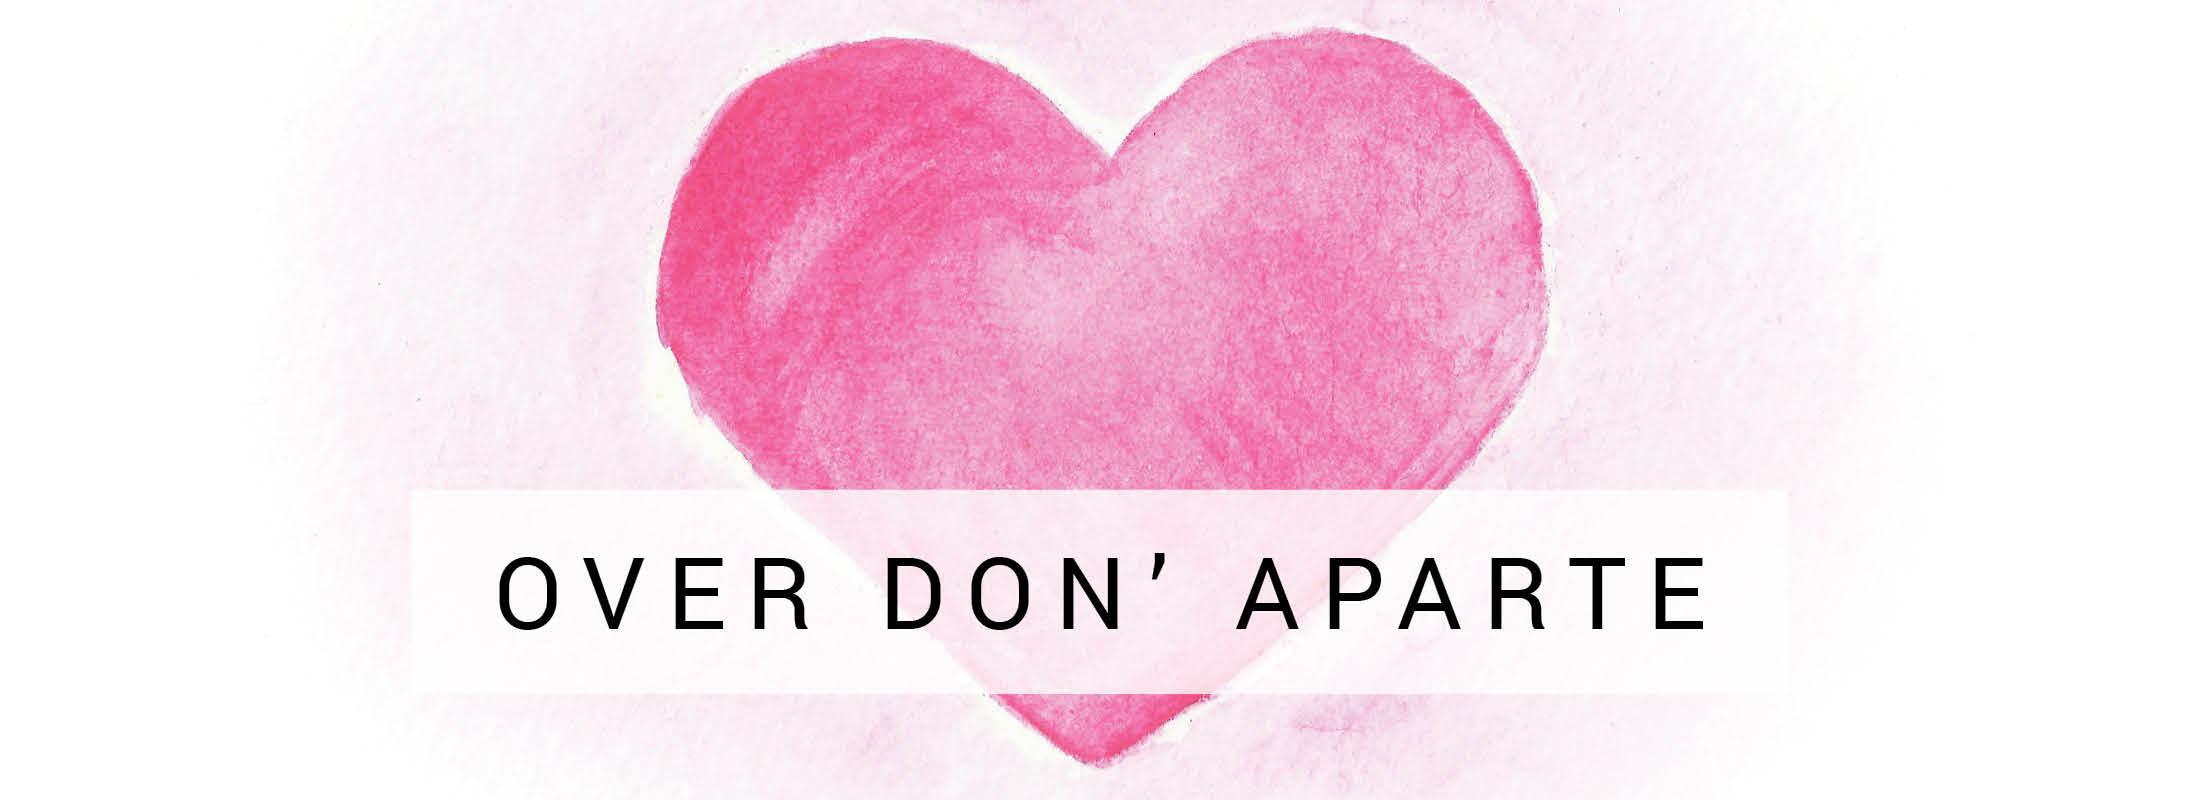 Over Don' aparte